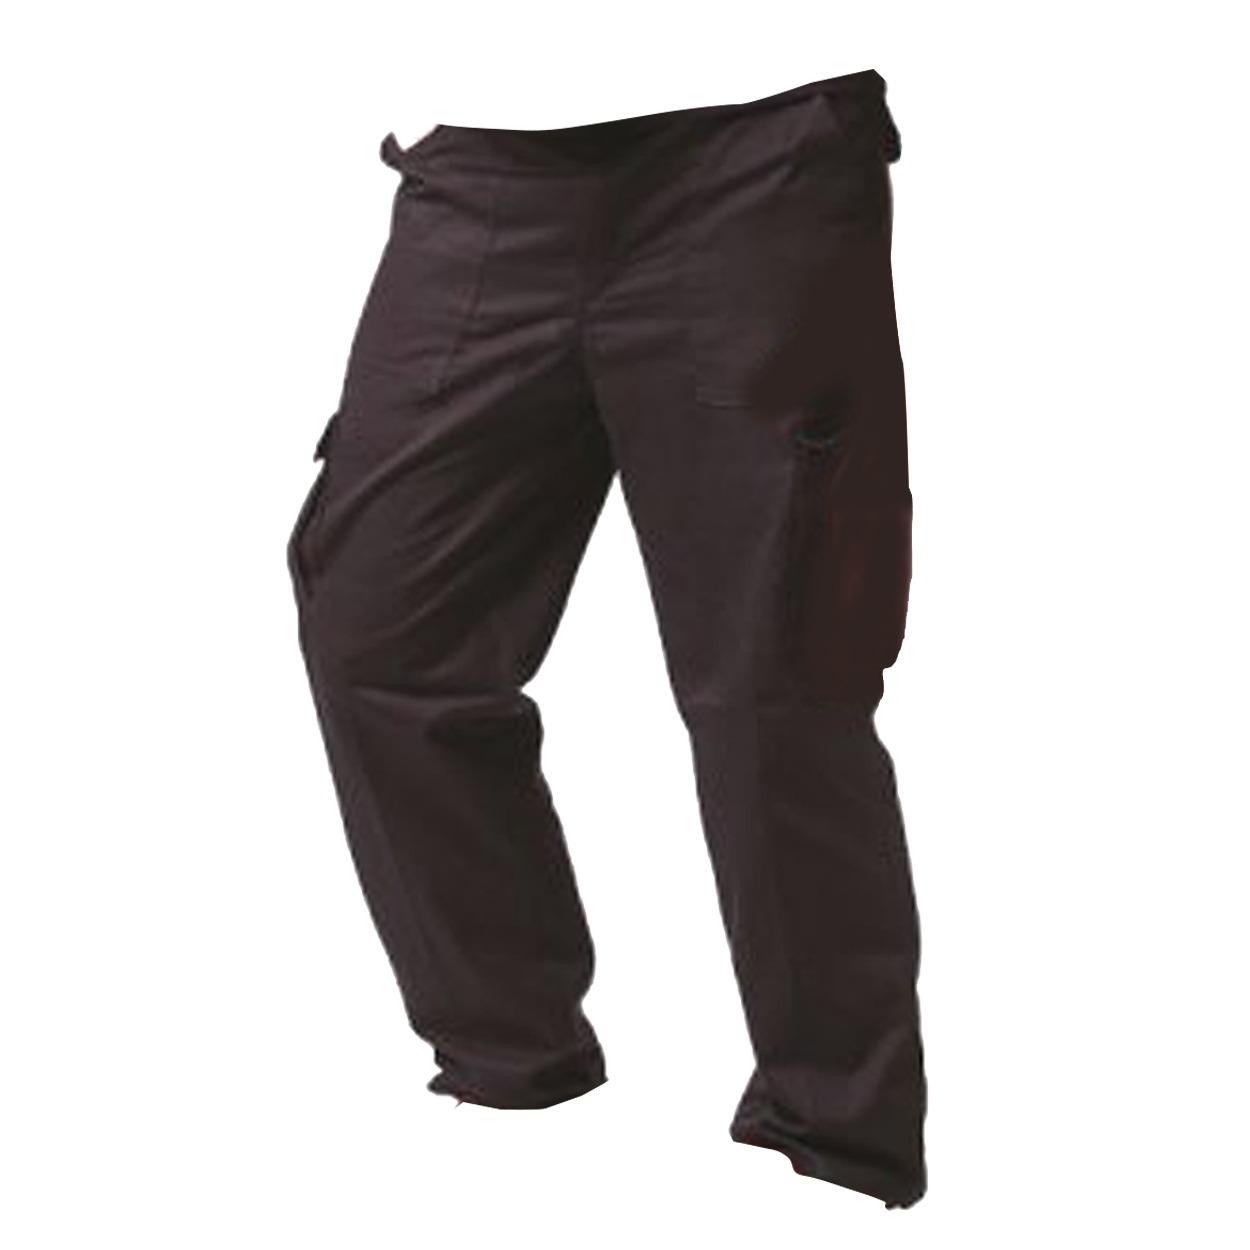 מכנסי ריתוך לעבודה | מכנסי עבודה | ביגוד לעובדים | ביגוד עבודה מודפס